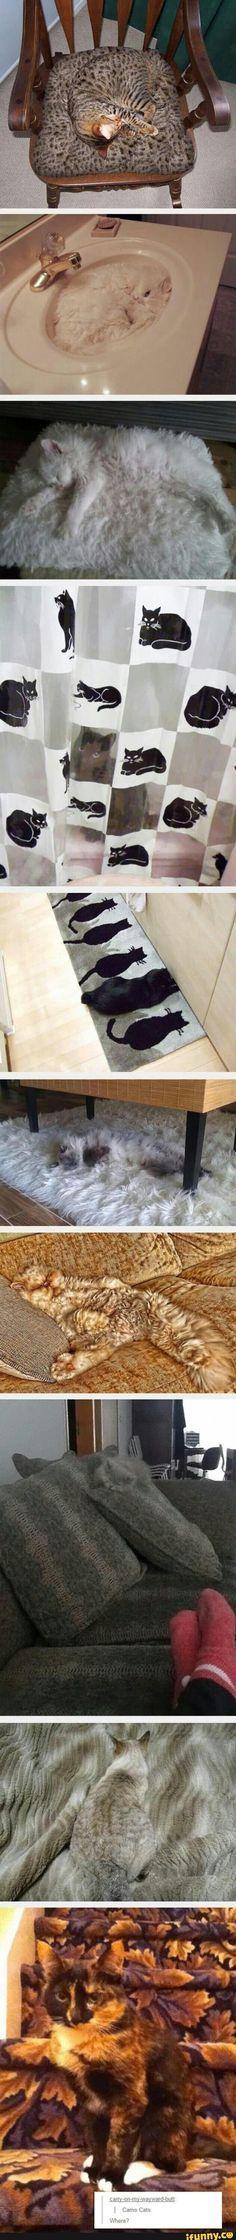 Los gatos si que saben de camuflaje 7u7)r